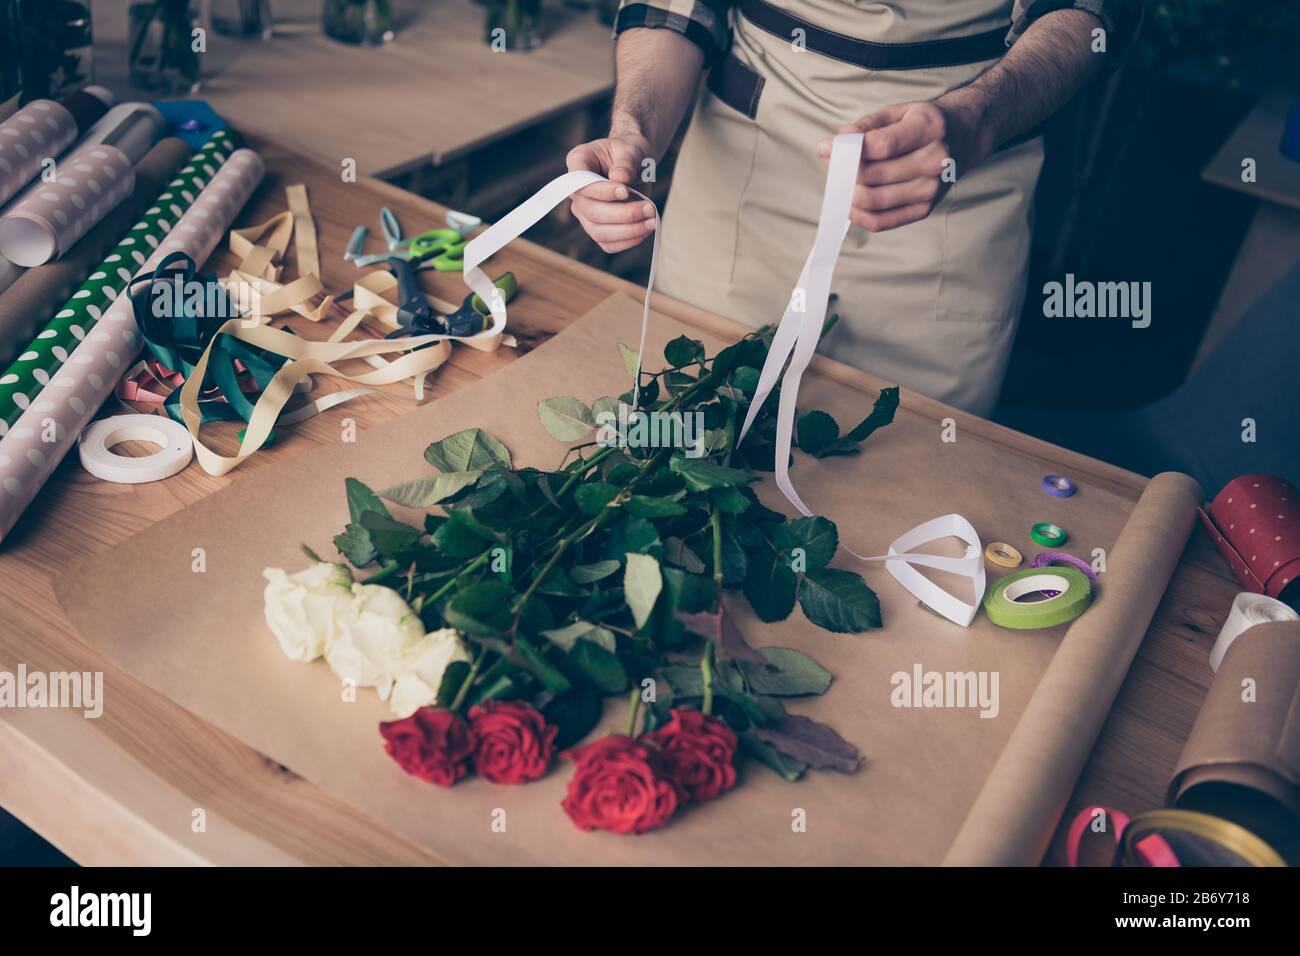 Haut haute angle vue rognée photo de homme gars tenir main prendre le ruban blanc faire assistant surprise serre fleuristry botanique à carreaux chemise Banque D'Images